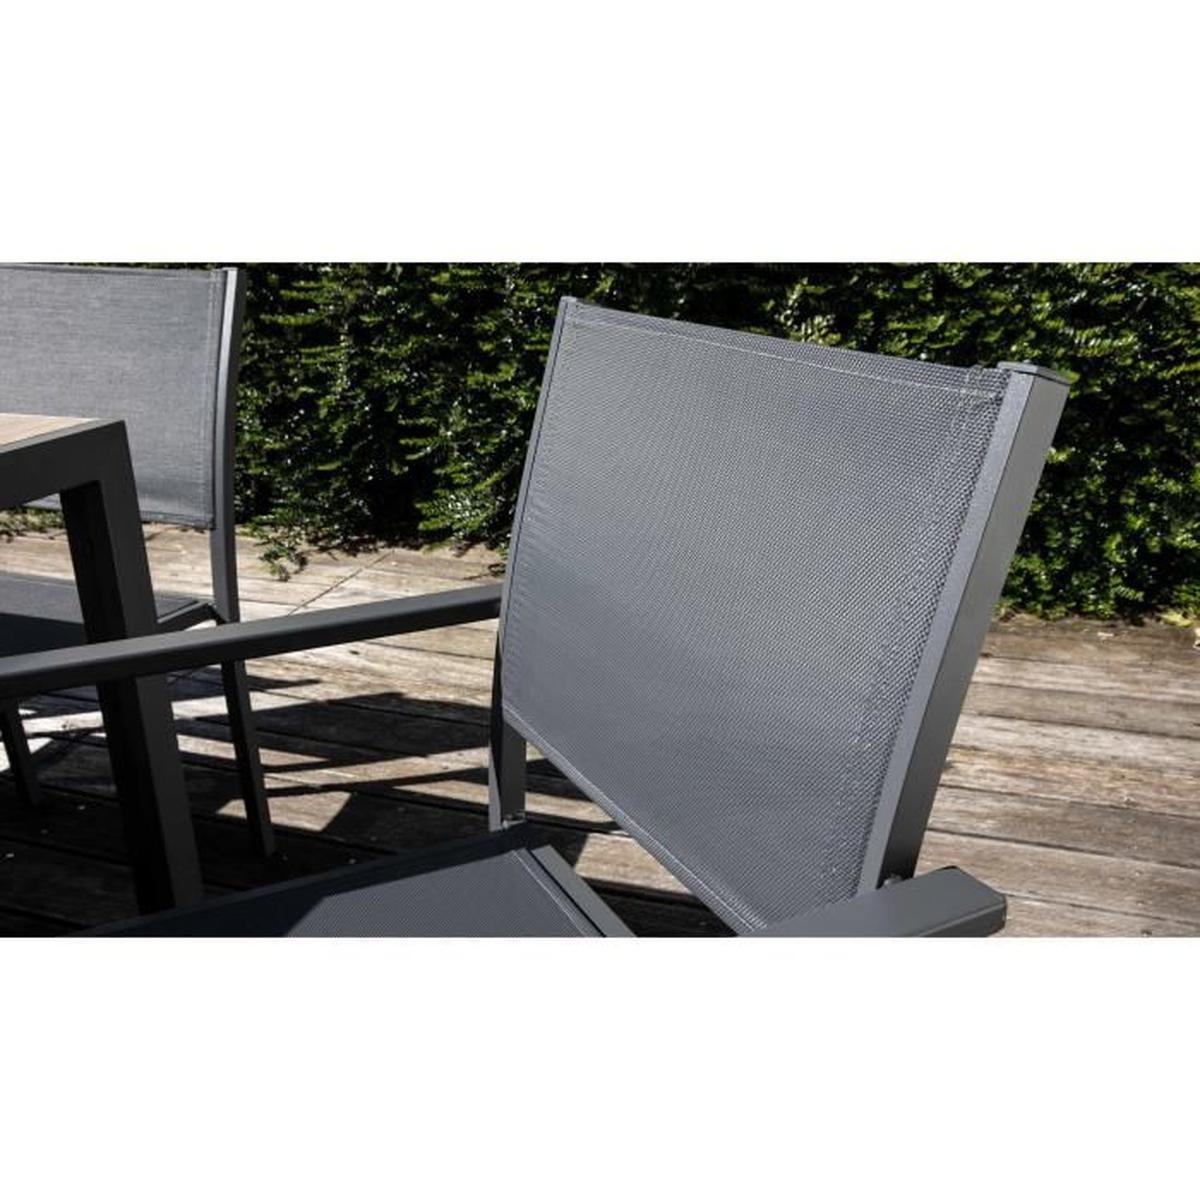 Table De Jardin 10 Places Aluminium Et Céramique - Ensemble ... avec Table De Jardin Cdiscount